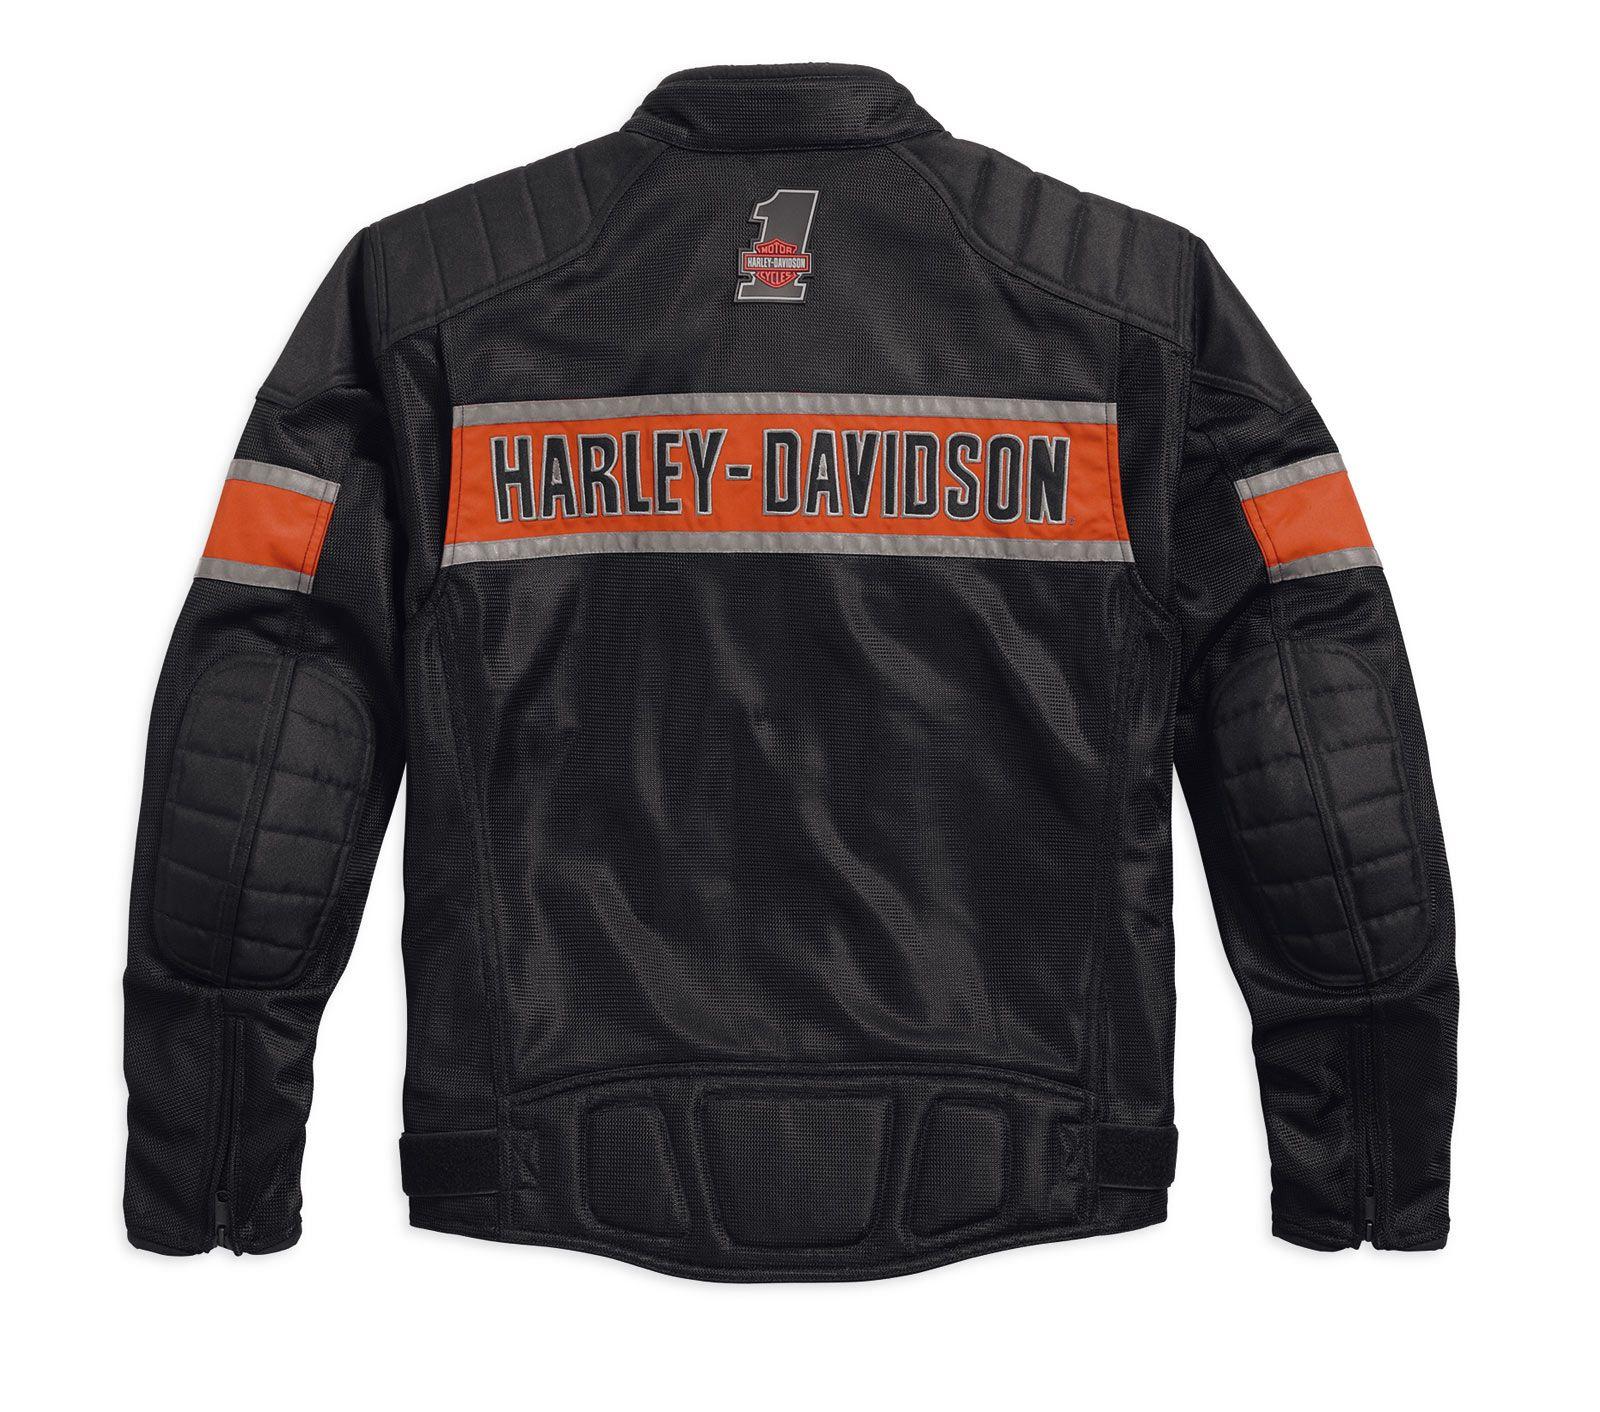 Harley Davidson Herren Jacken